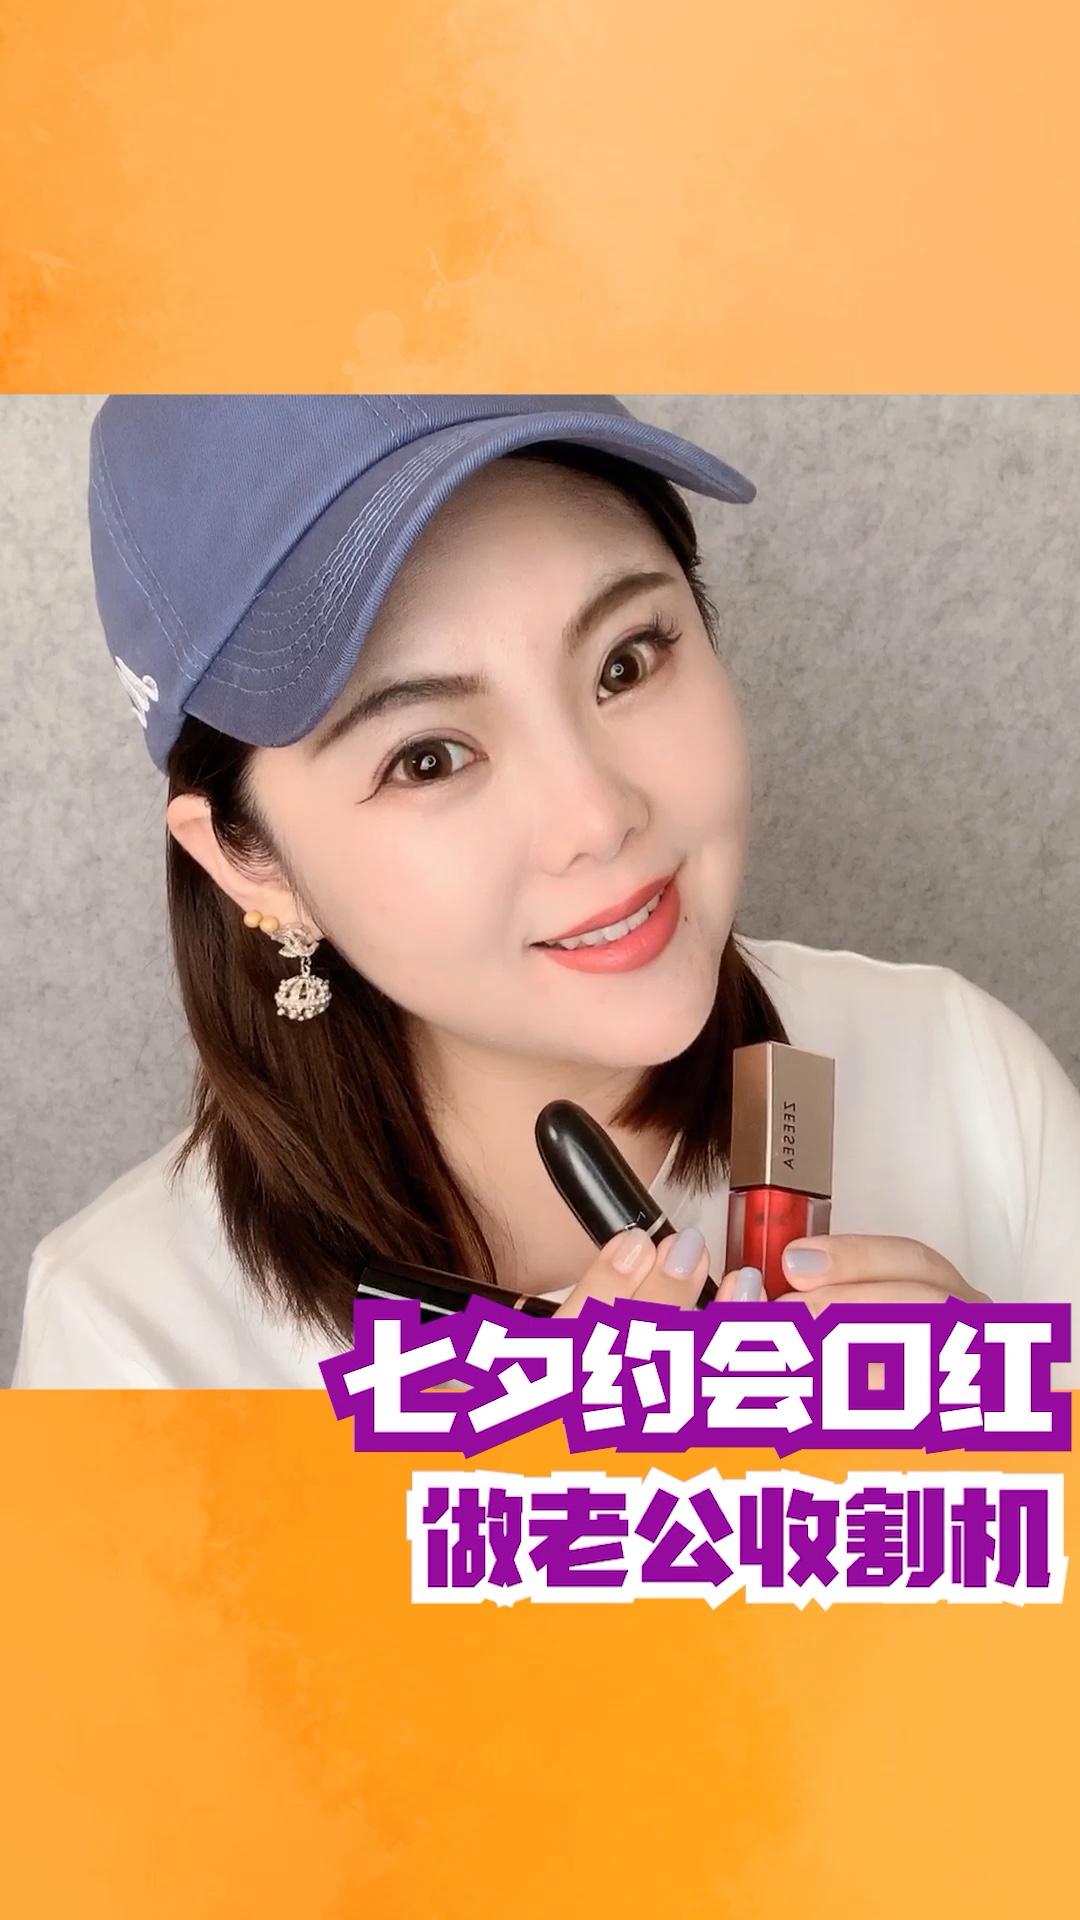 七夕约会备战💄姐妹们,准备好了吗?!#7月美妆好物分享#